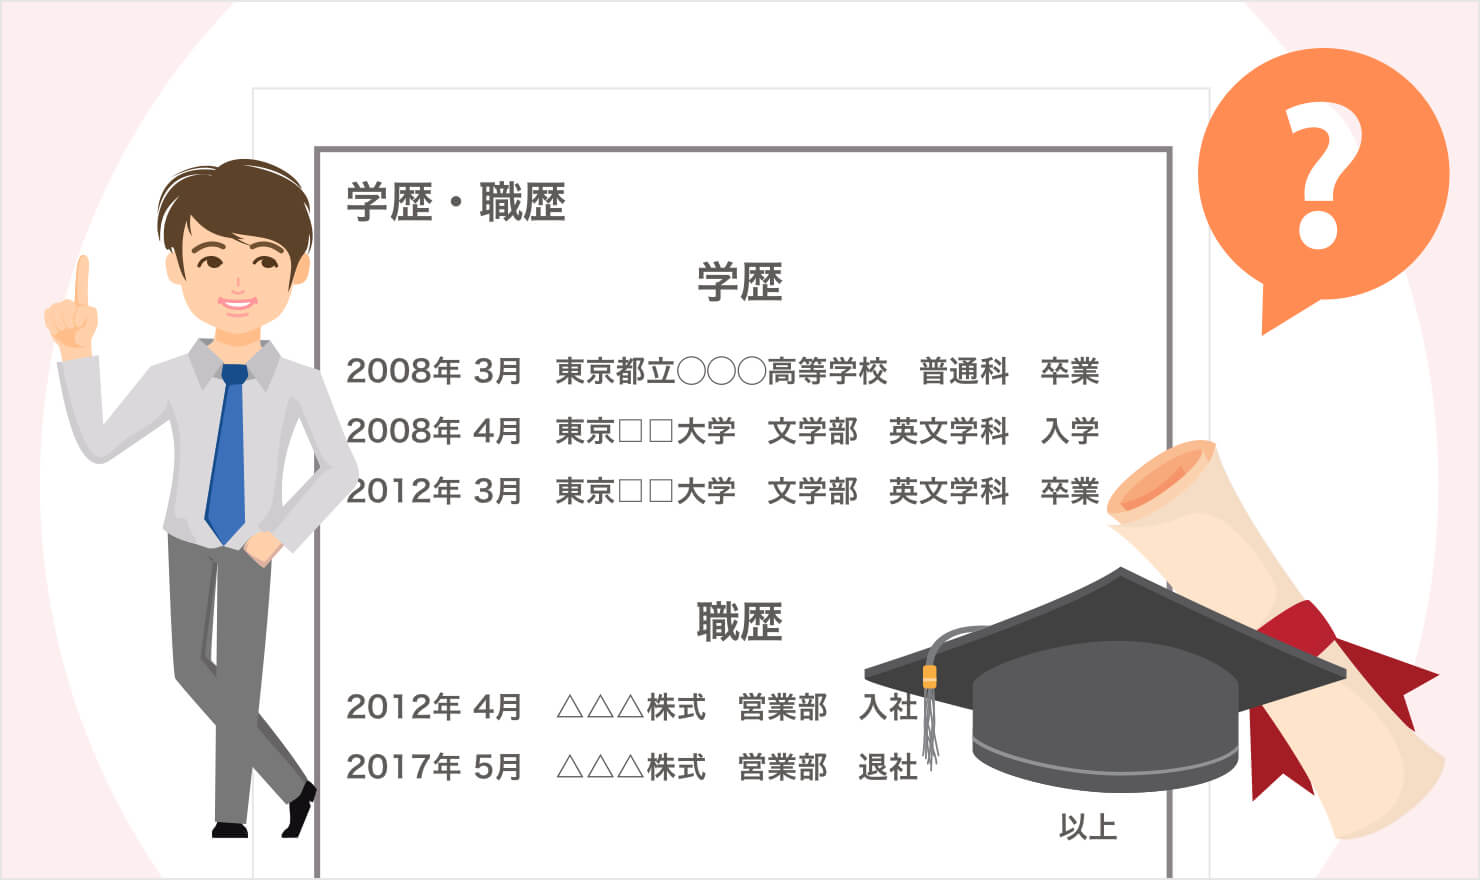 履歴書学歴欄の書き方マニュアル【経歴別の書き方例あり】 | JOBSHIL